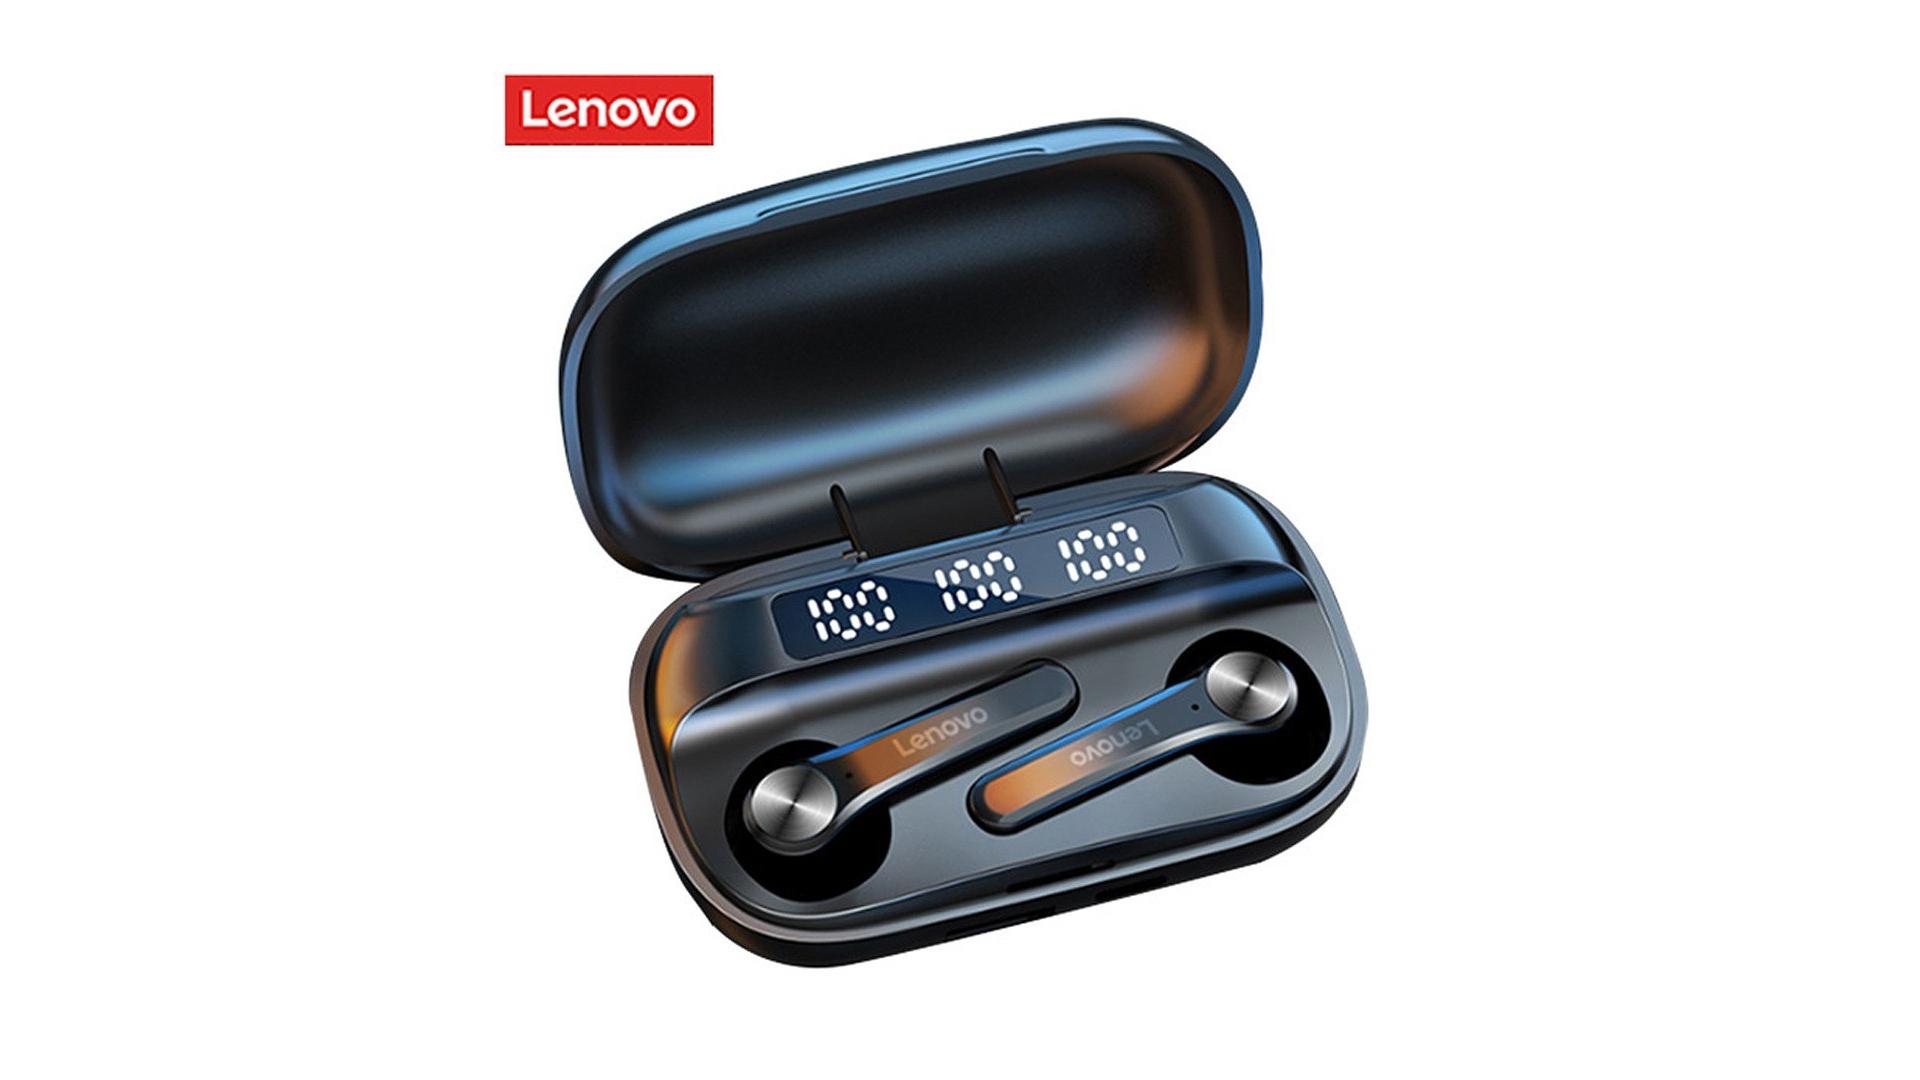 Lenovo sluchátka s nejnovějším Bluetooth 5.1 jen za 361 Kč! [sponzorovaný článek]